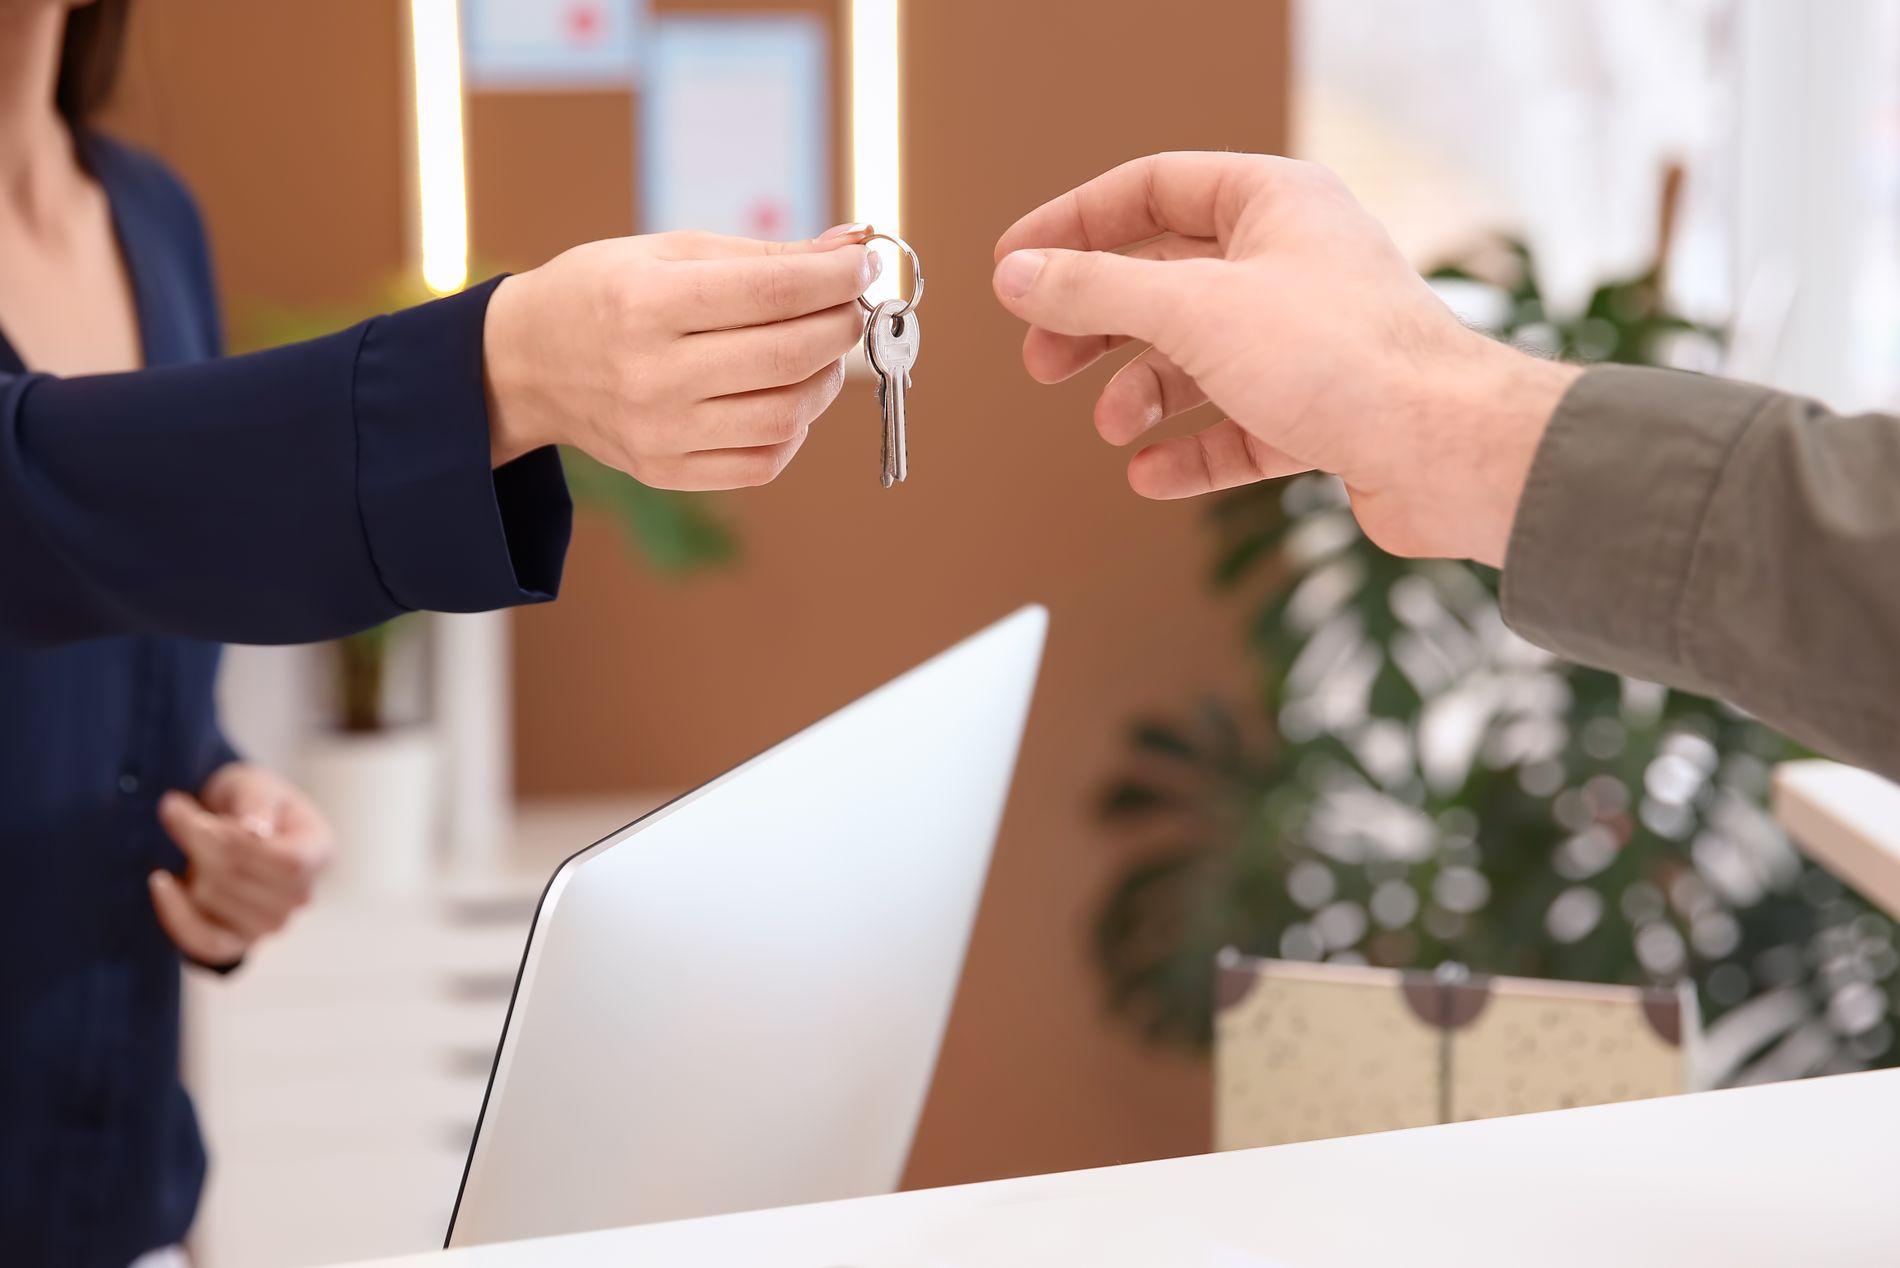 En skriftlig kontrakt mellom utleier og leietager er avgjørende når leieforholdet inngås.